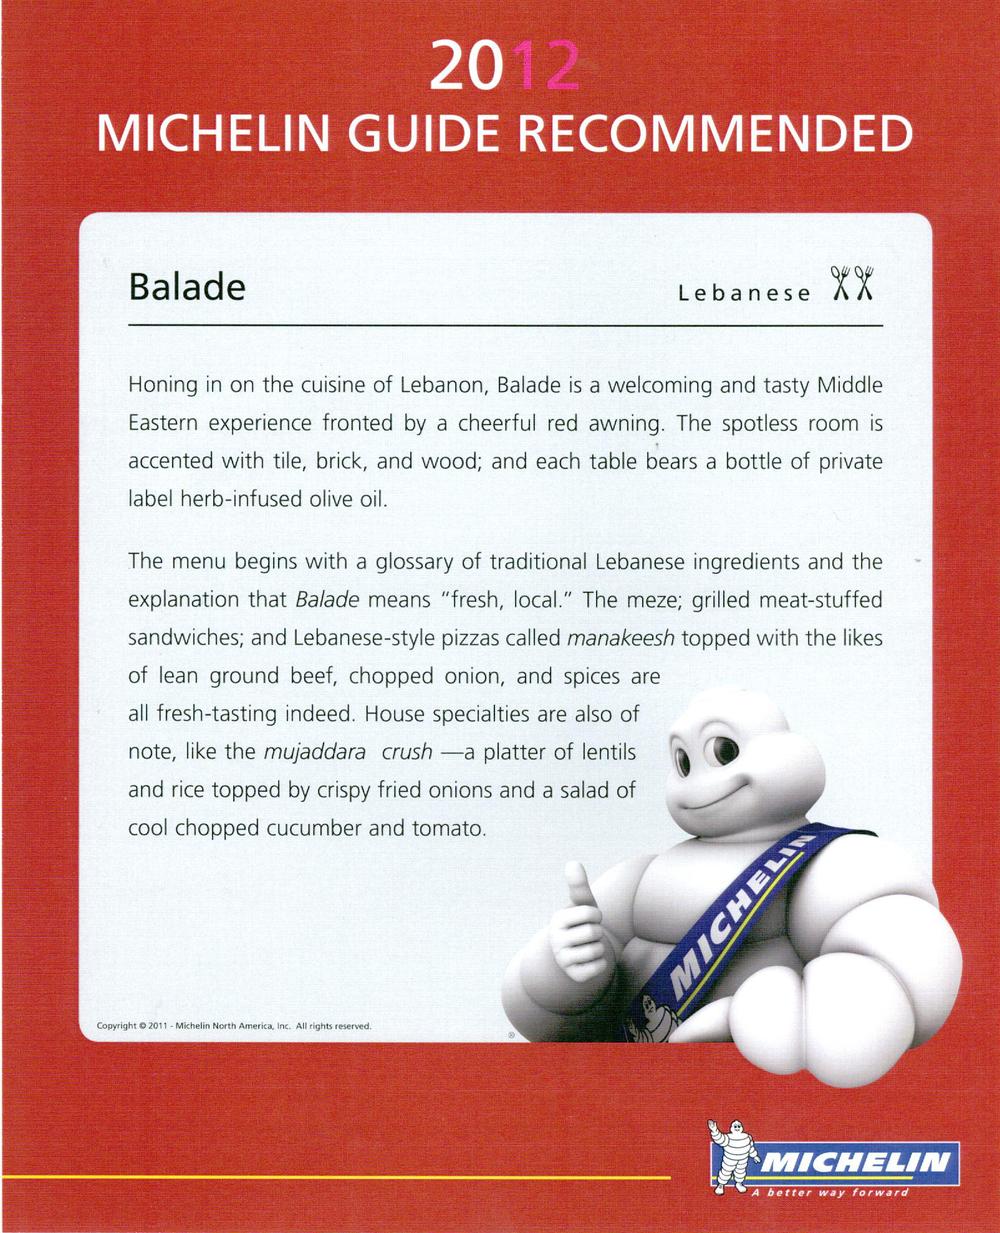 Micheline Guide 2012.jpg